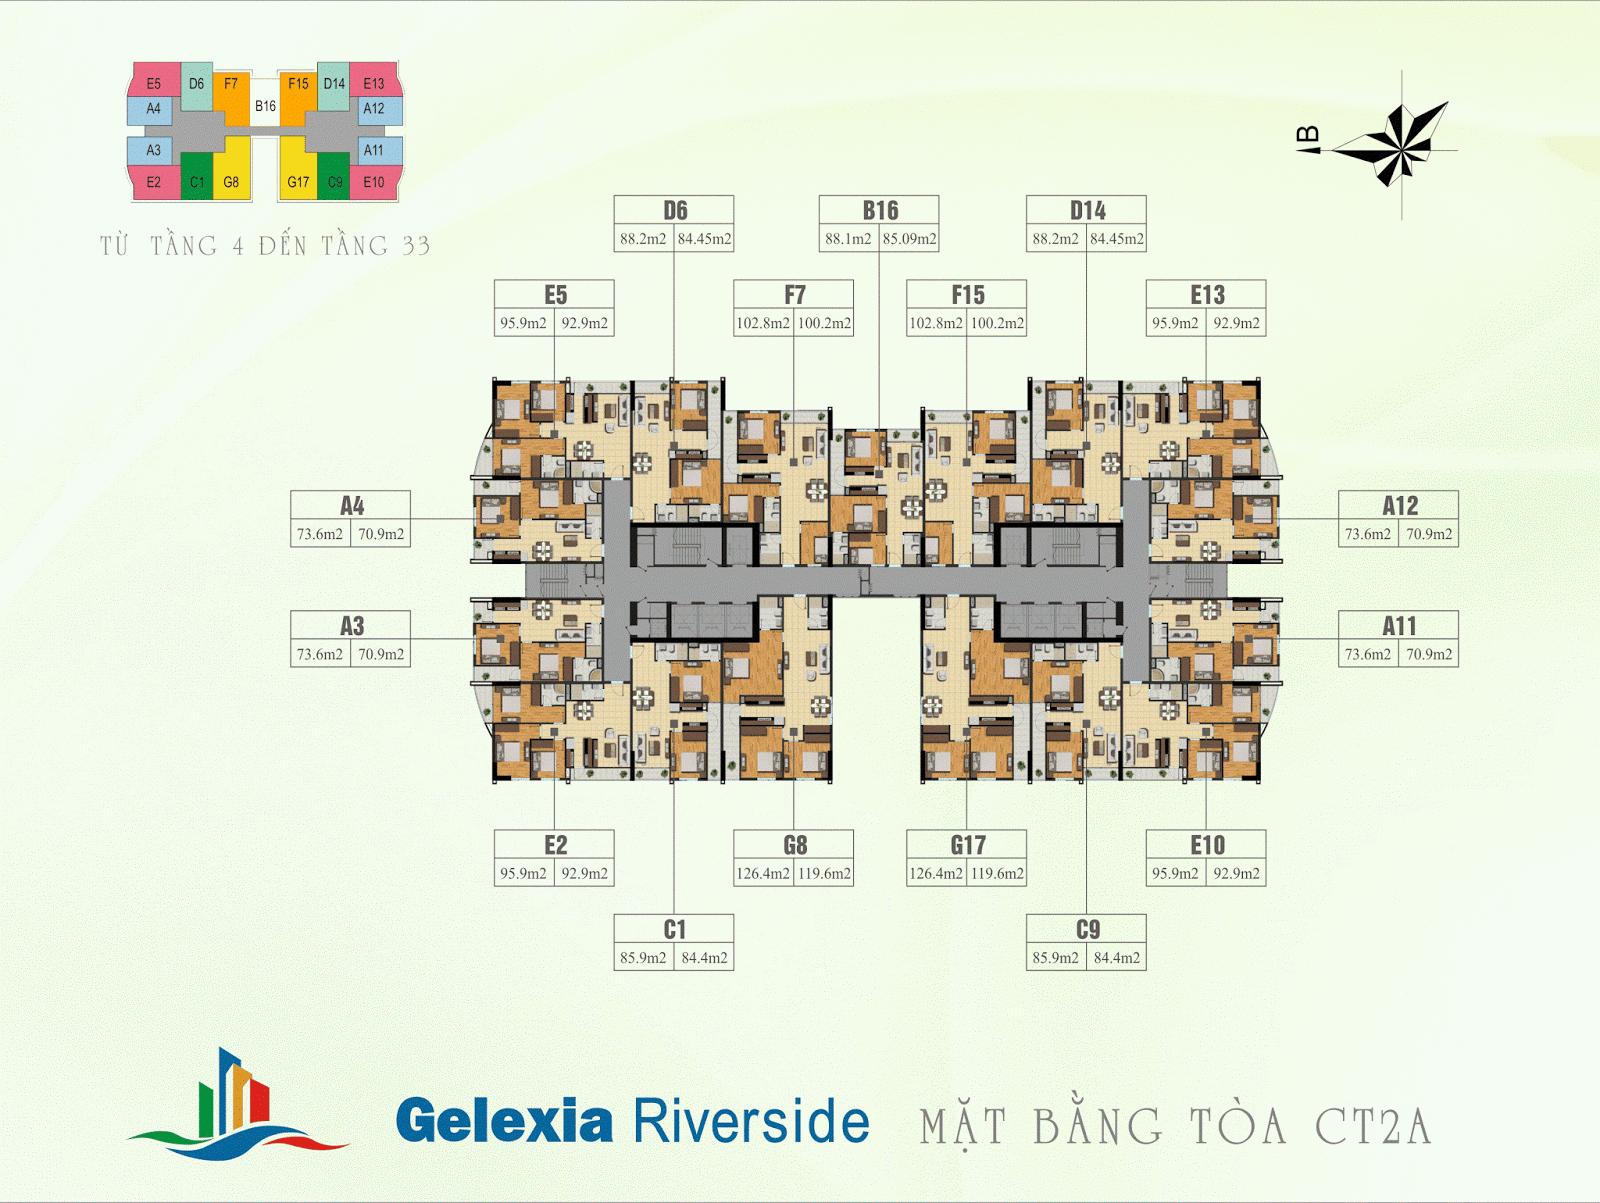 Mặt bằng điển hình tòa CT2A - Gelexia Riverside